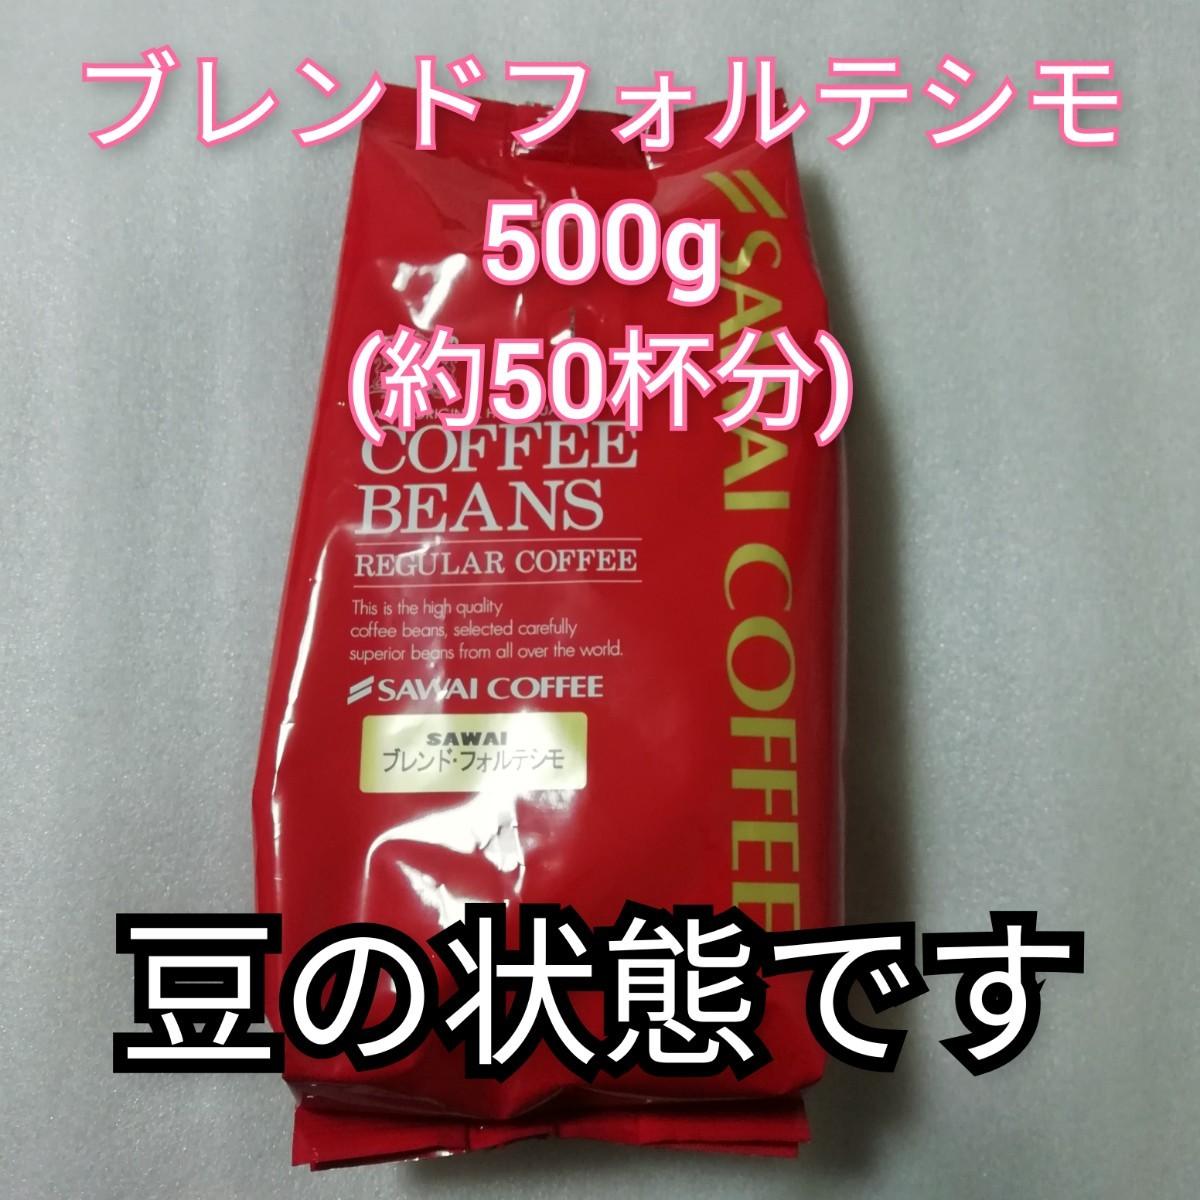 豆の状態 ブレンドフォルテシモ 1袋500g 澤井珈琲 コーヒー豆 コーヒー 珈琲